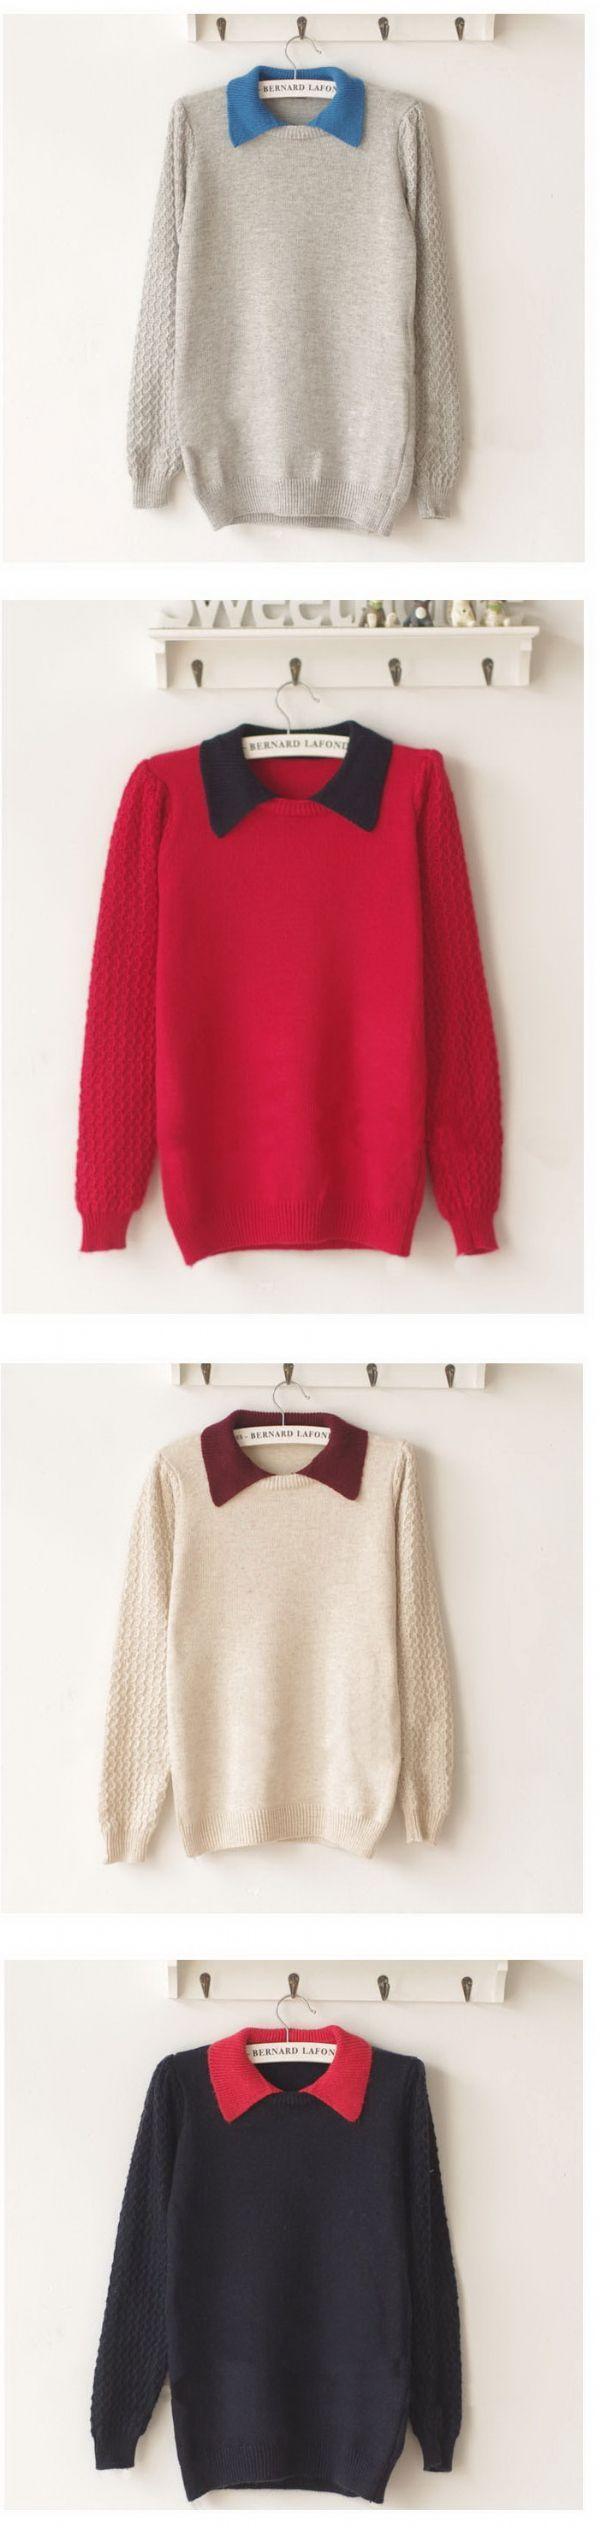 เสื้อกันหนาวพร้อมส่ง : สเวตเตอร์ wool คอ 2 ชั้น fake